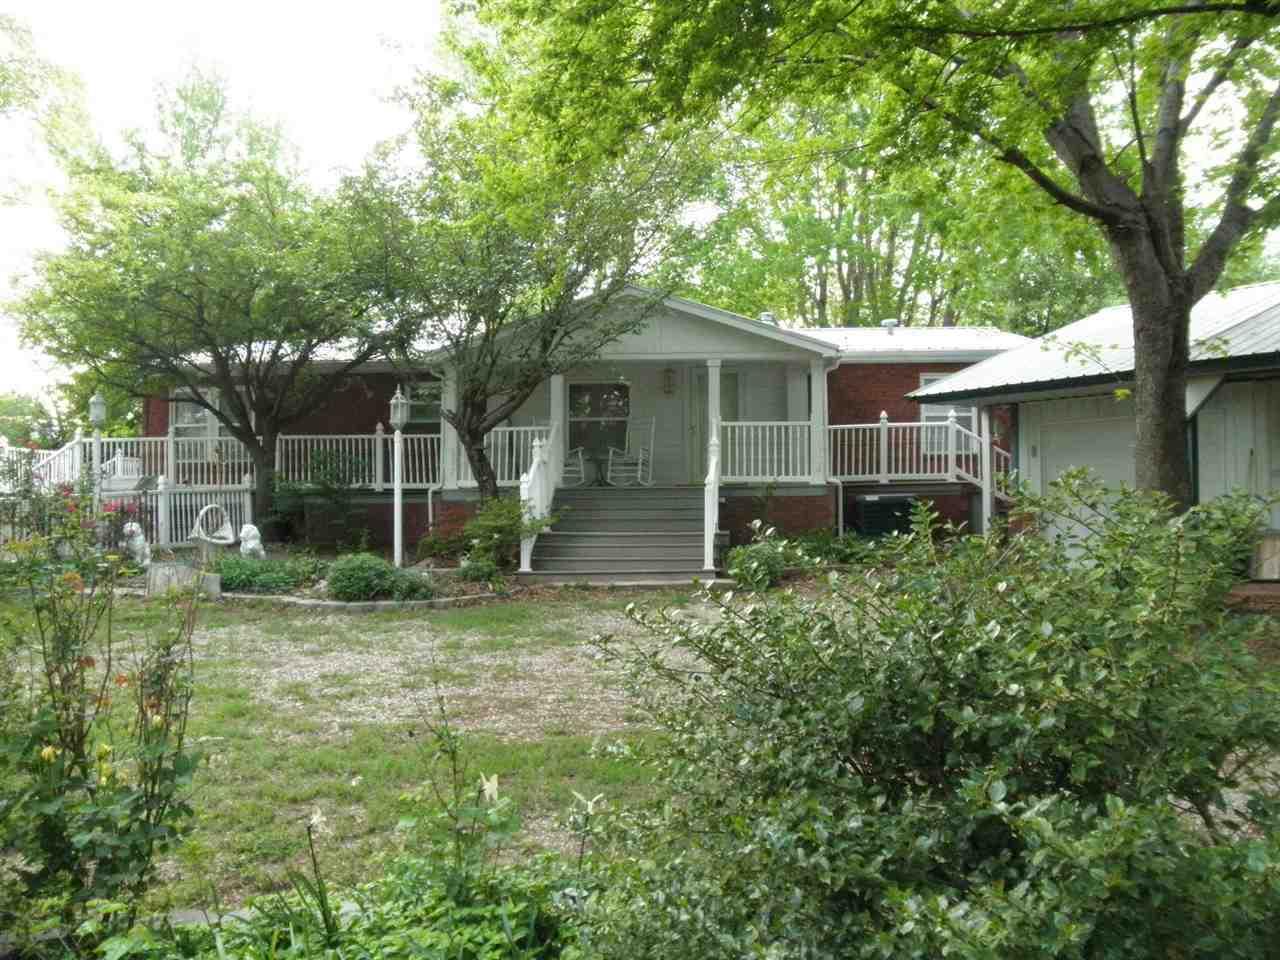 Sold Cross Sale W/ MLS | 1 Northfork Rd. Kaw City, OK 74641 0